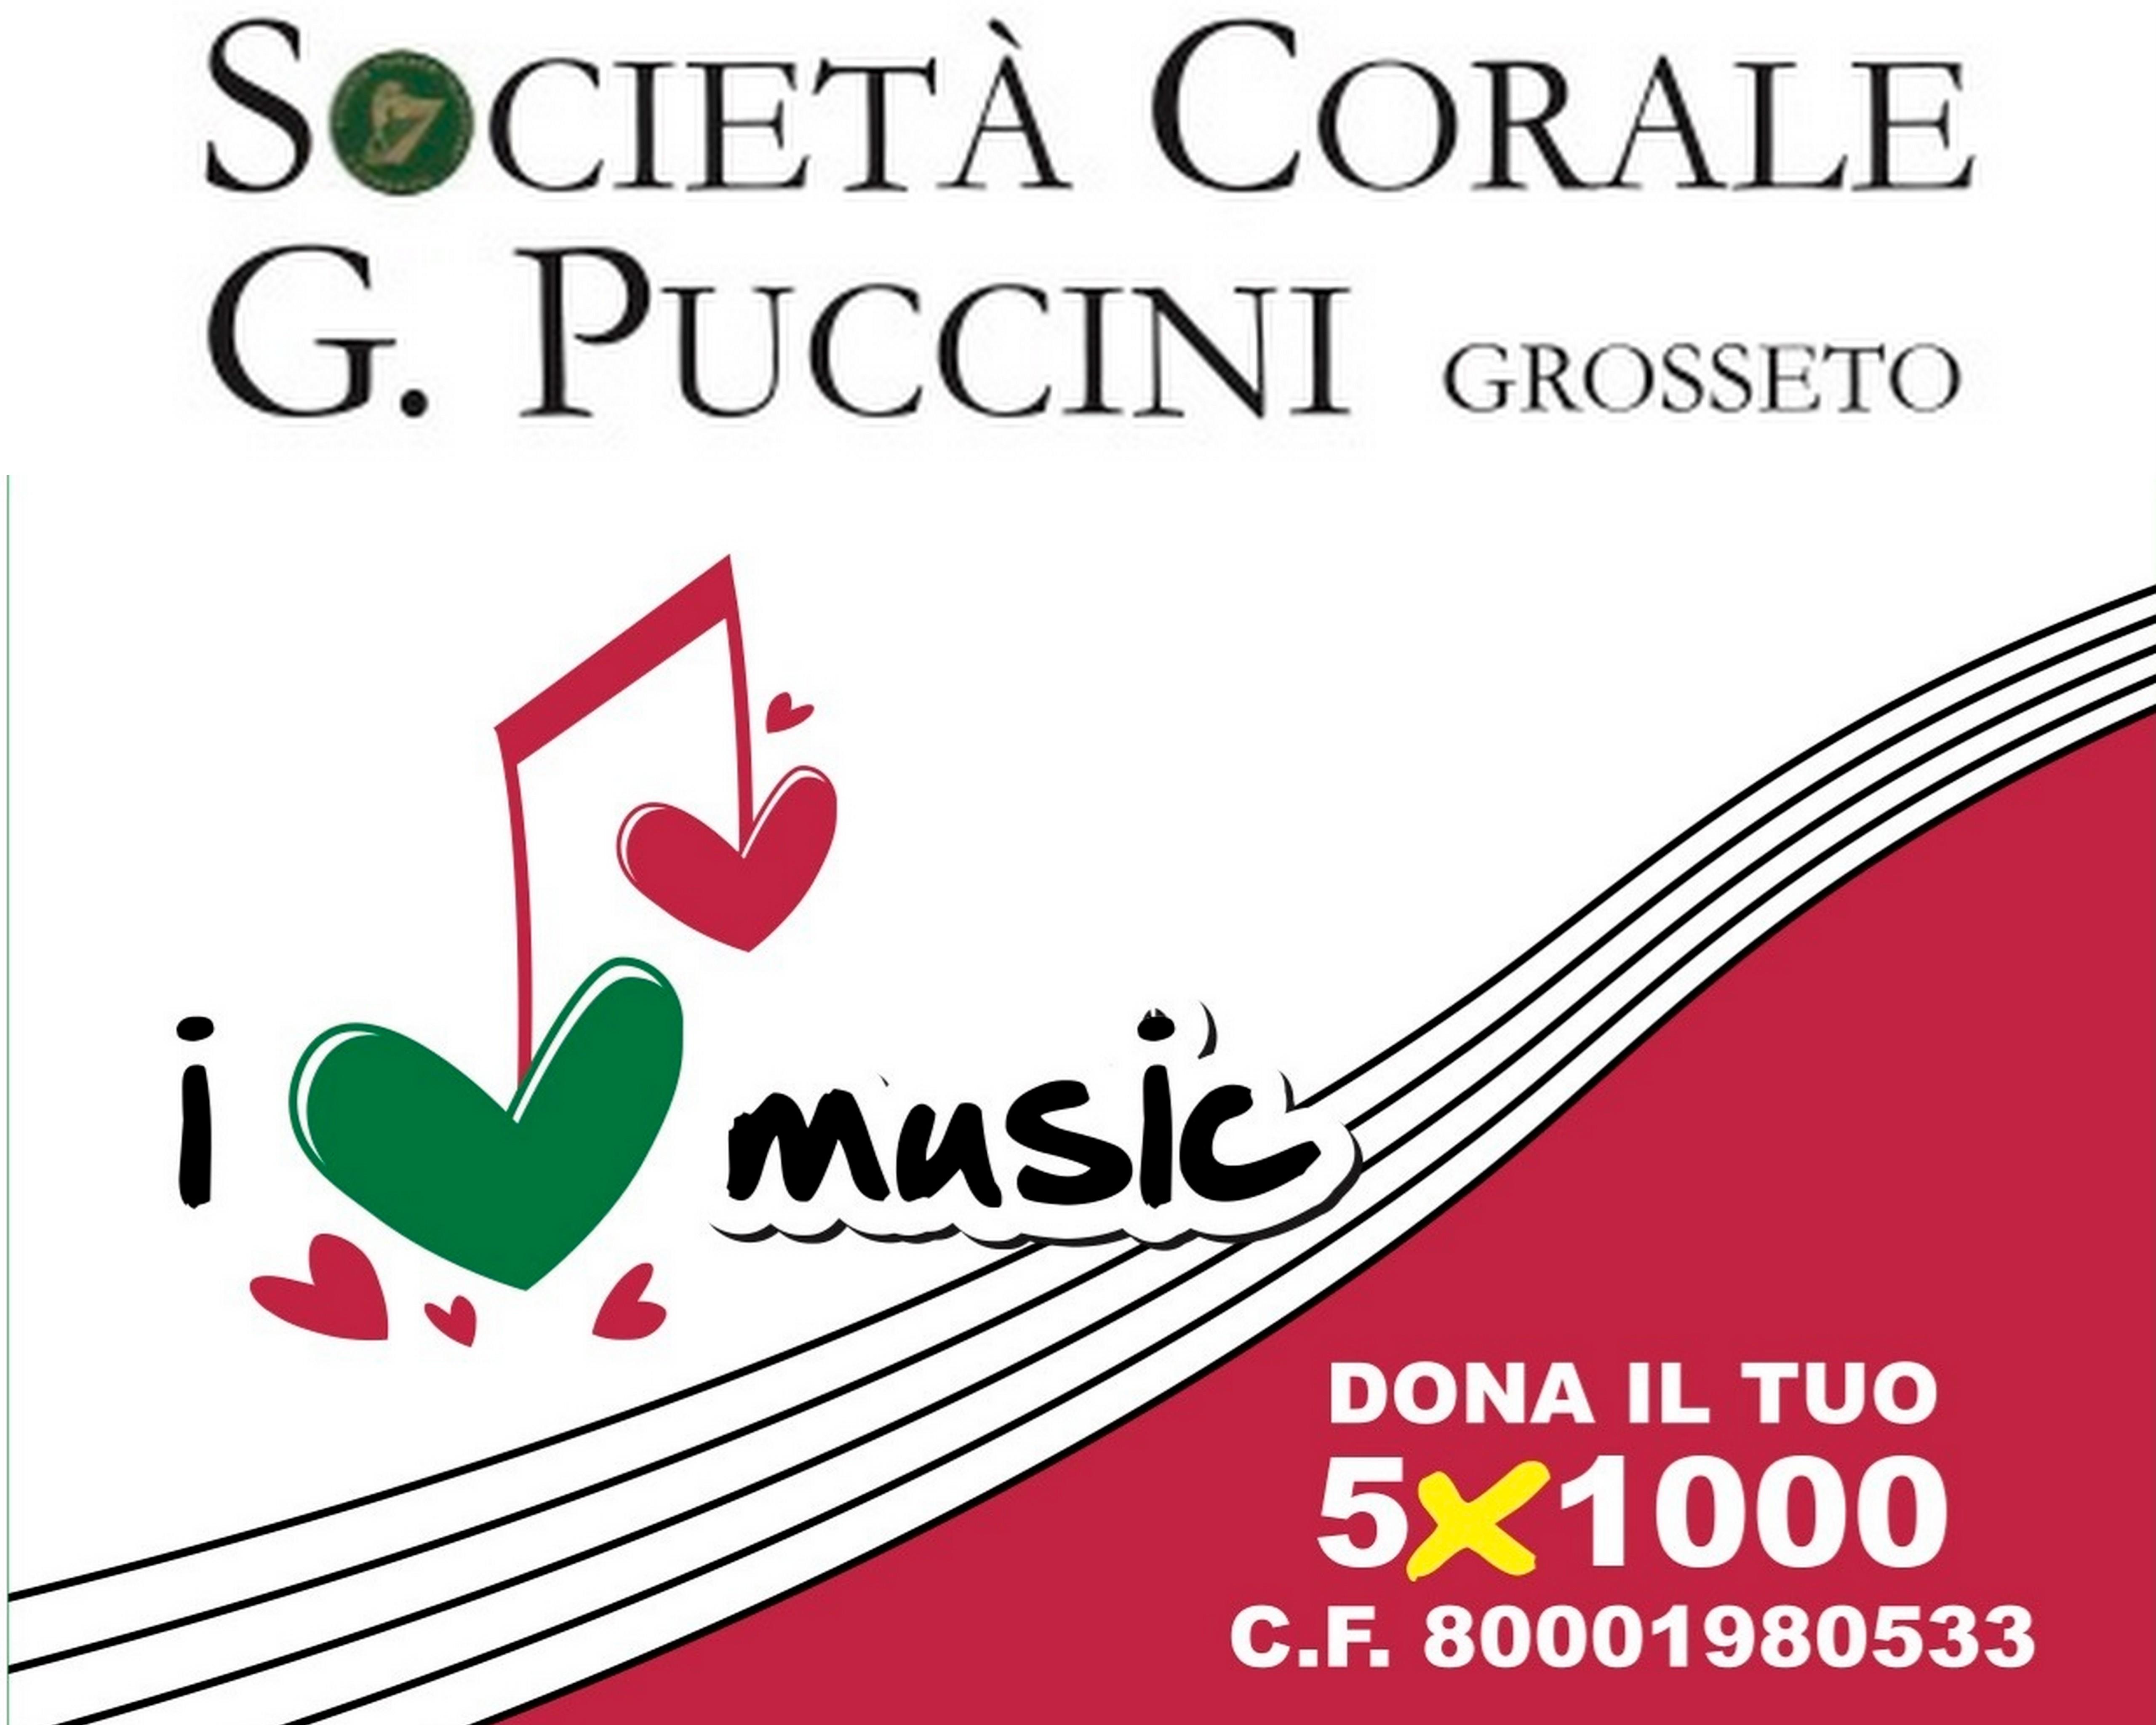 Nuovo organigramma della Società Corale G. Puccini Grosseto